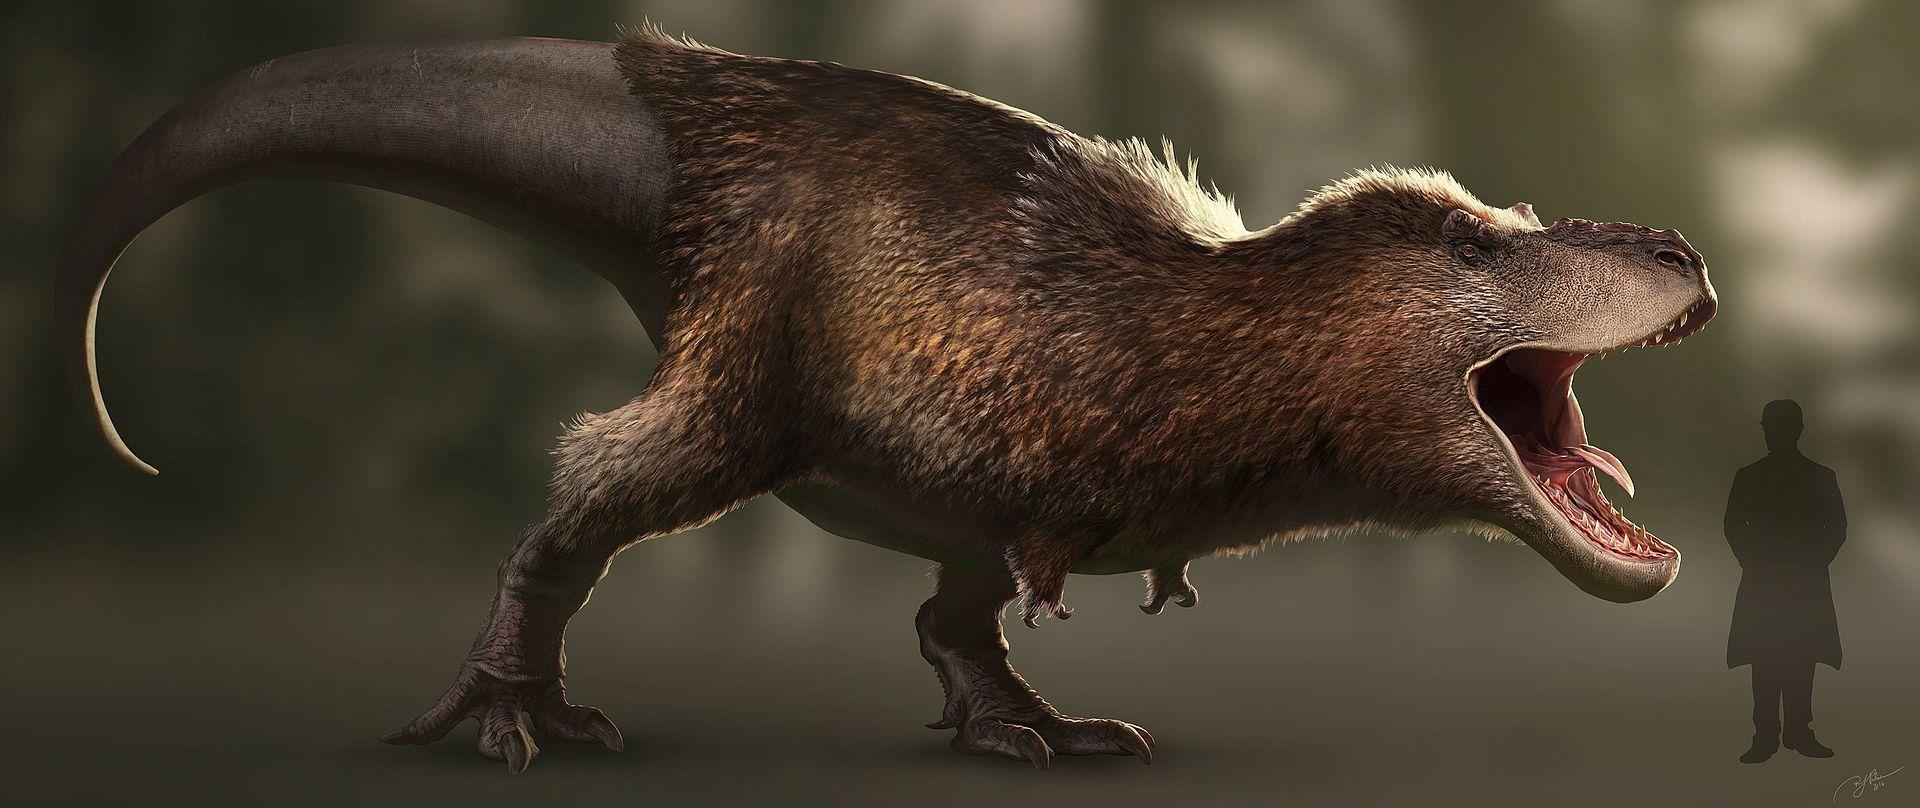 https://upload.wikimedia.org/wikipedia/commons/thumb/0/05/Rjpalmer_tyrannosaurusrex_001.jpg/1920px-Rjpalmer_tyrannosaurusrex_001.jpg